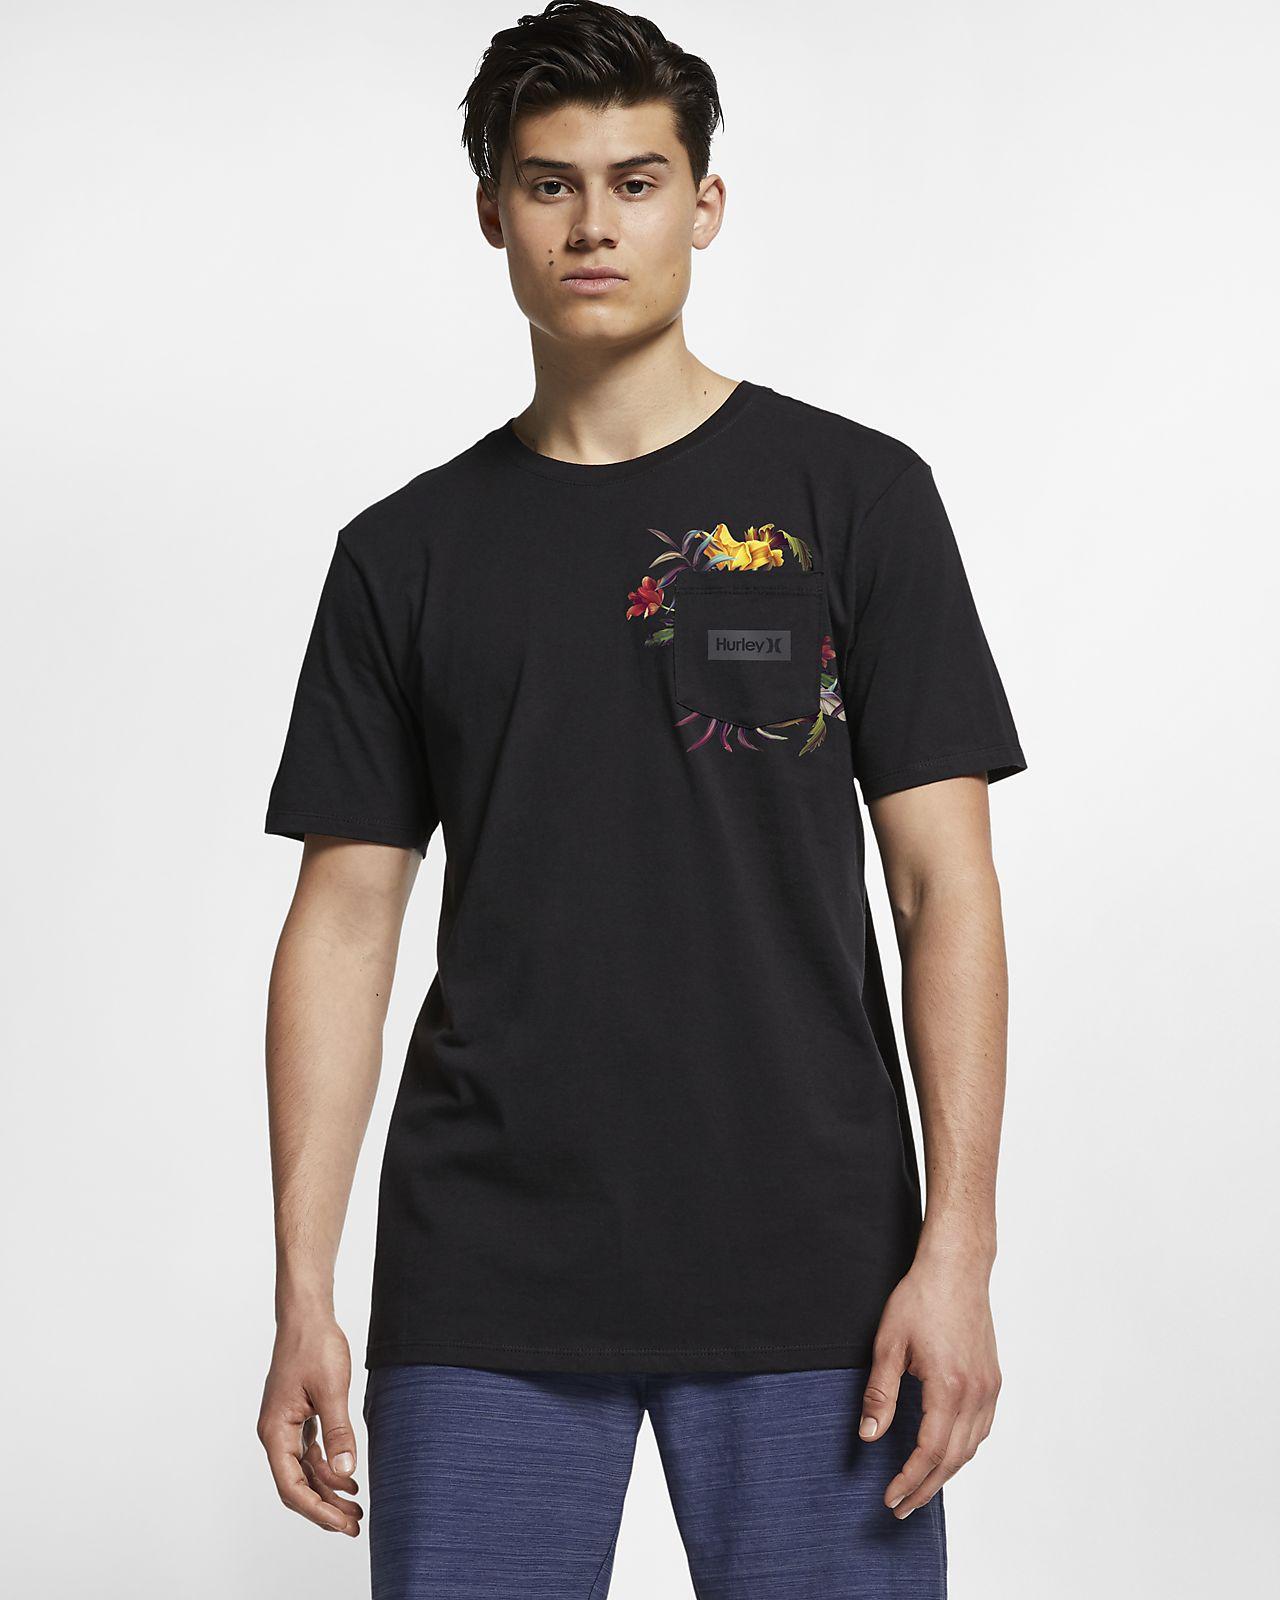 ハーレー プレミアム ファット キャップ メンズ ポケット Tシャツ